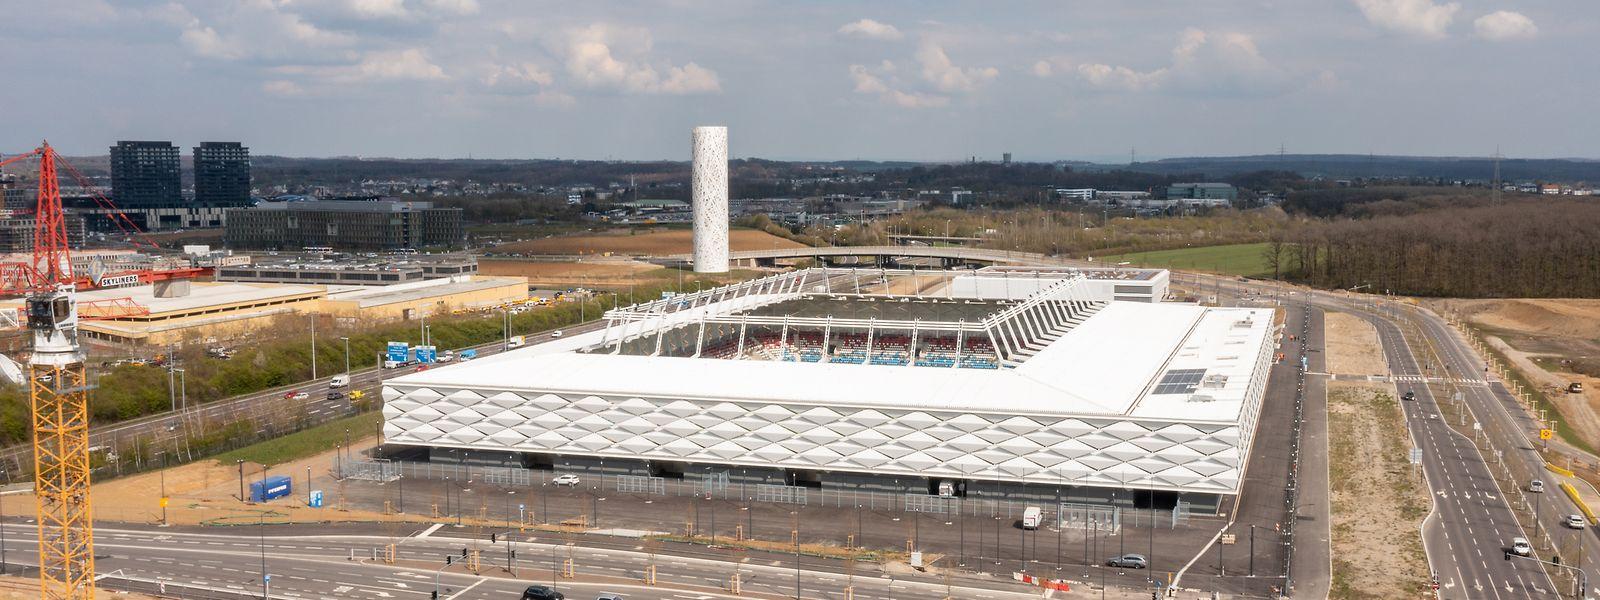 """Das Stadion ist """"eigentlich fertig"""" (Lydie Polfer). Bis zum ersten Kick dauert es aber noch."""